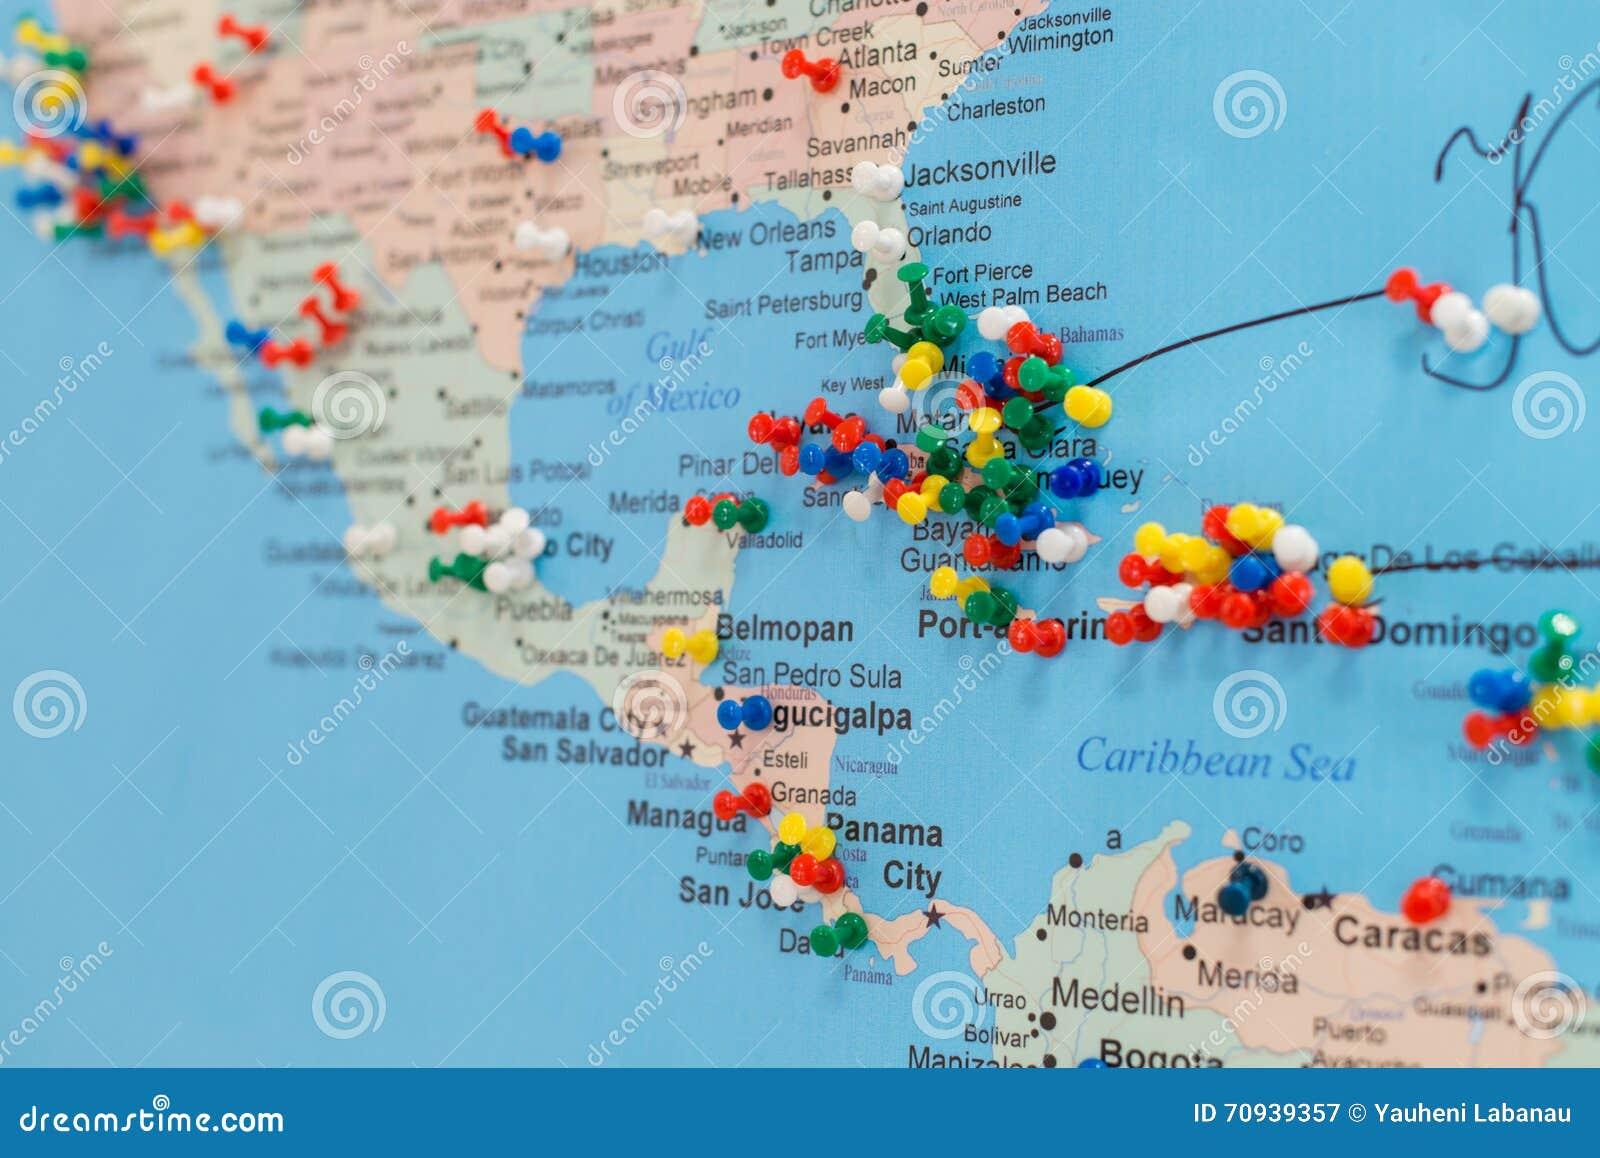 Carte Cuba Monde.Boutons Sur Le Cuba Sur La Carte Du Monde Image Stock